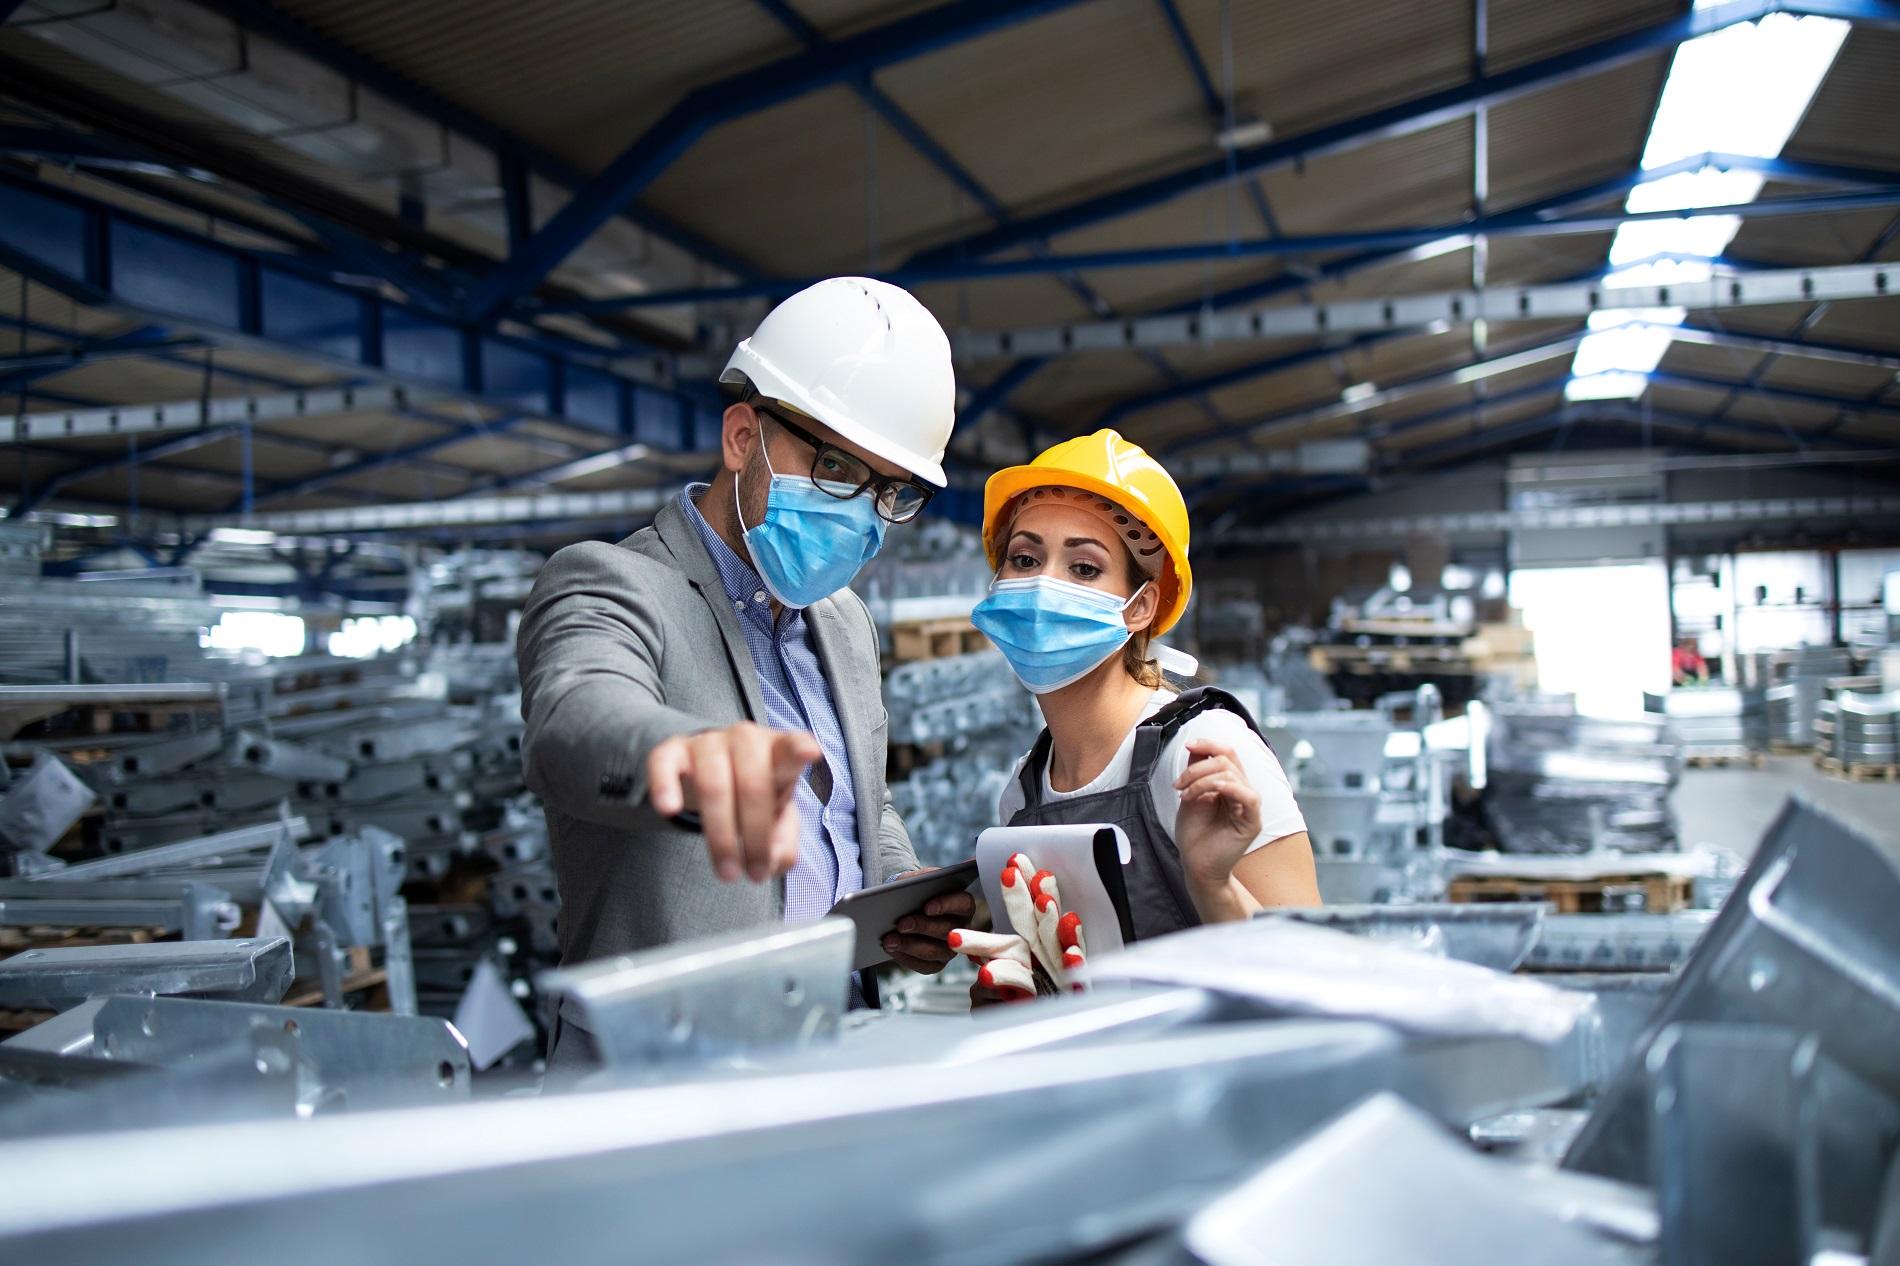 CITO riadi podnik v krízových časoch, aj v čase rozvoja